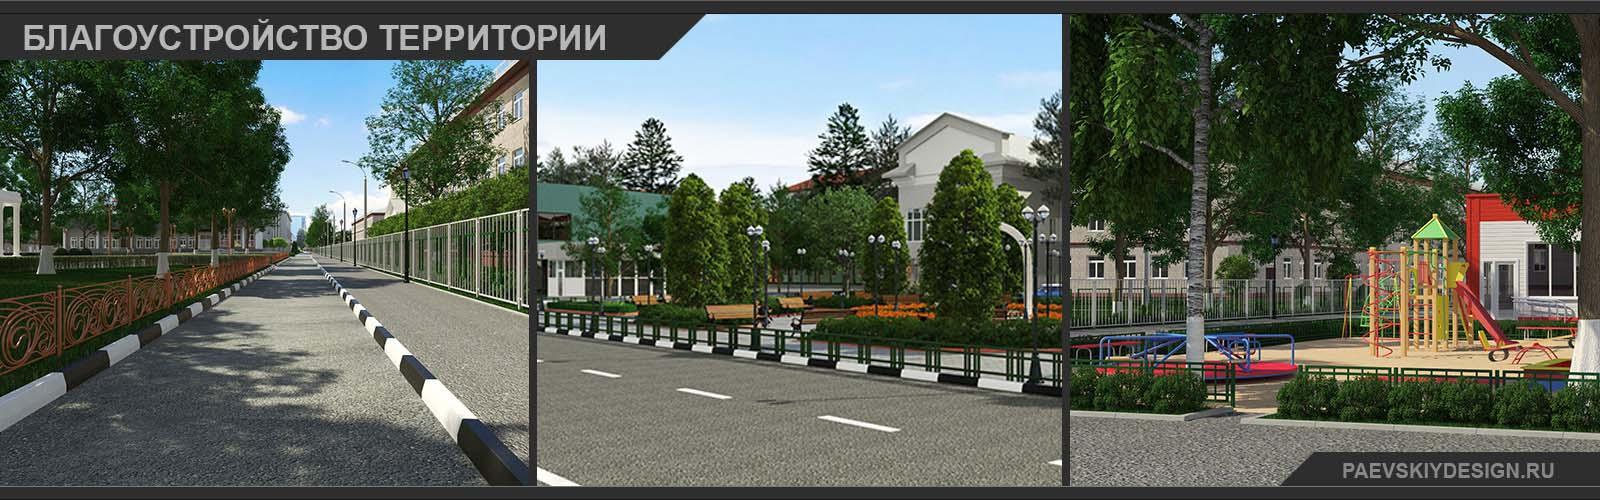 Разработка проекта благоустройства территории города